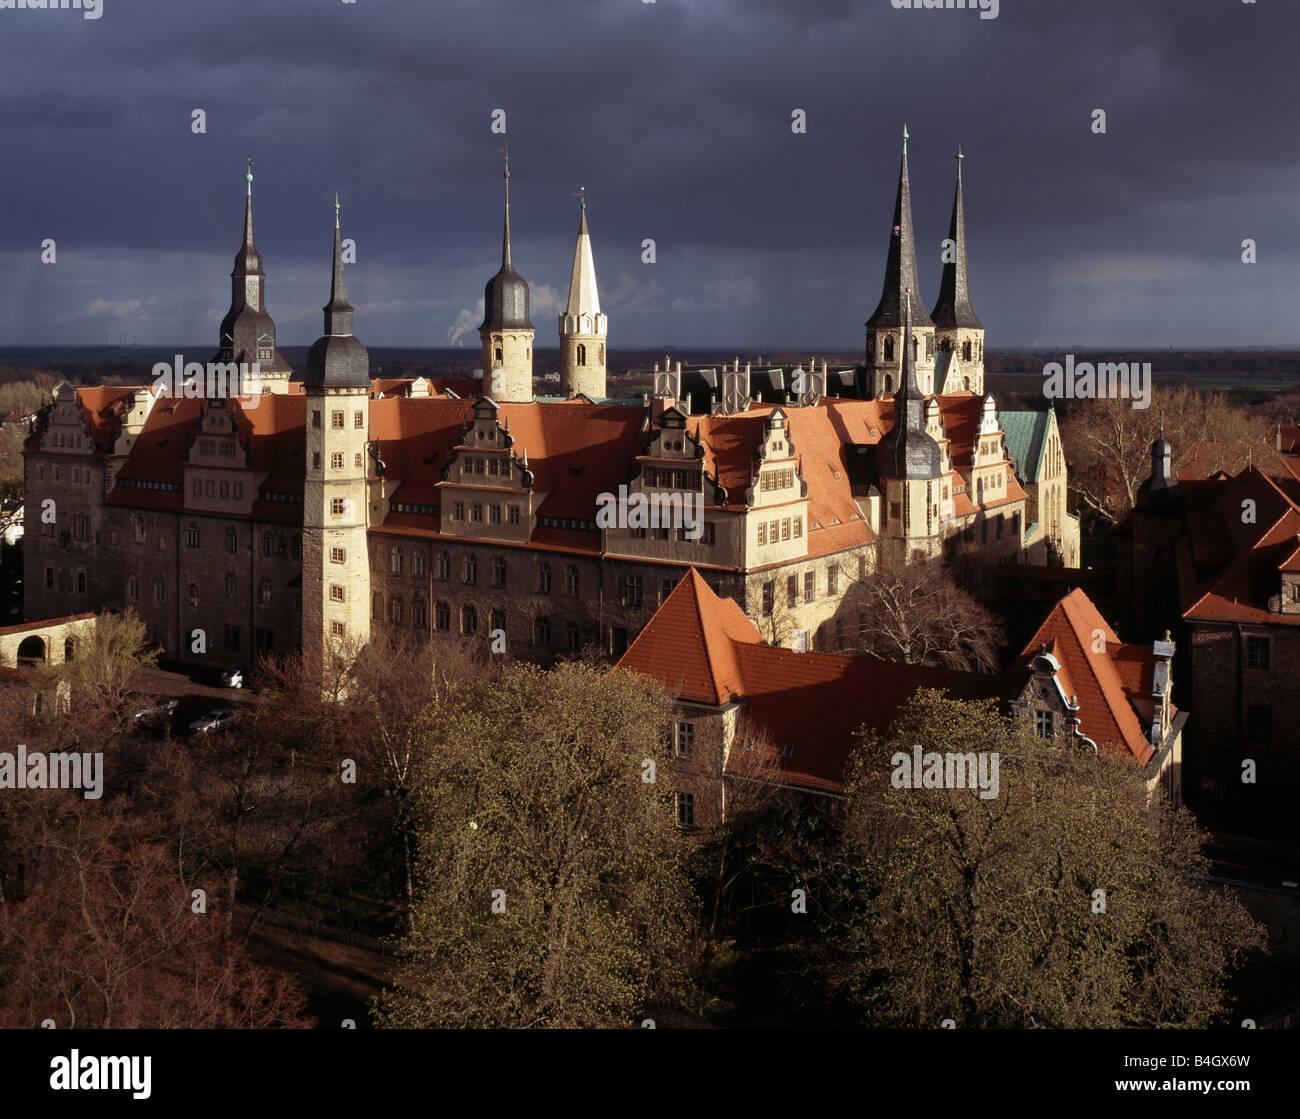 Merseburg/Saale, Schloß und Türme des Doms, Blick von Nordwesten - Stock Image